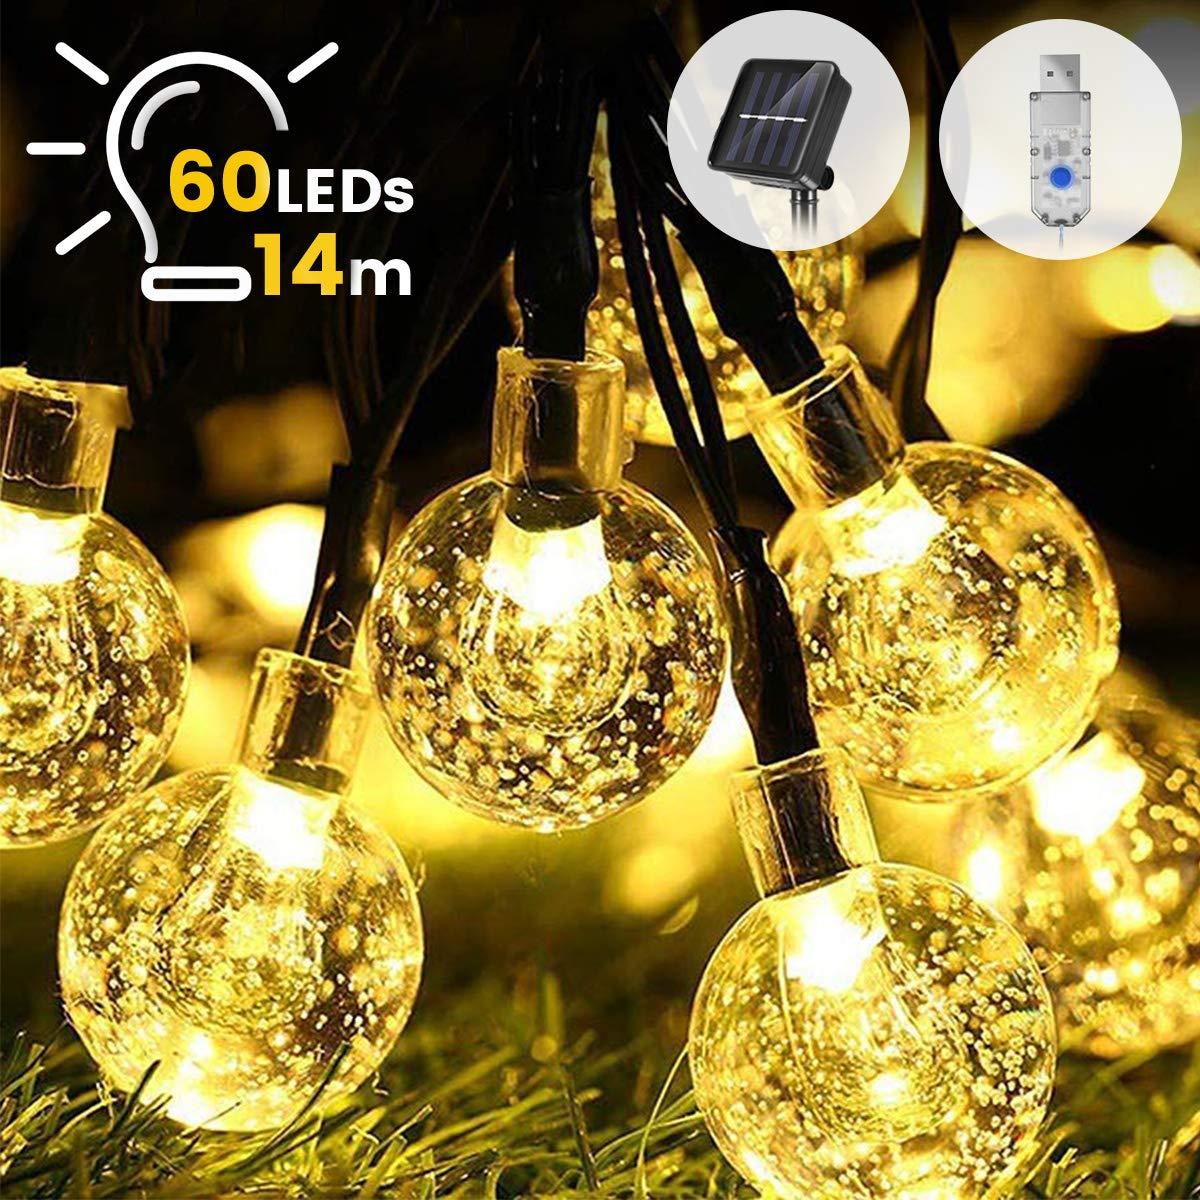 Guirnaldas Luces Exterior Solar ,WOWDSGN 60Led IP67 Resistente al agua 8 modos Cadena de Bola Cristal Luz para patio.Jardín, boda, fiesta, decoración del: Amazon.es: Iluminación